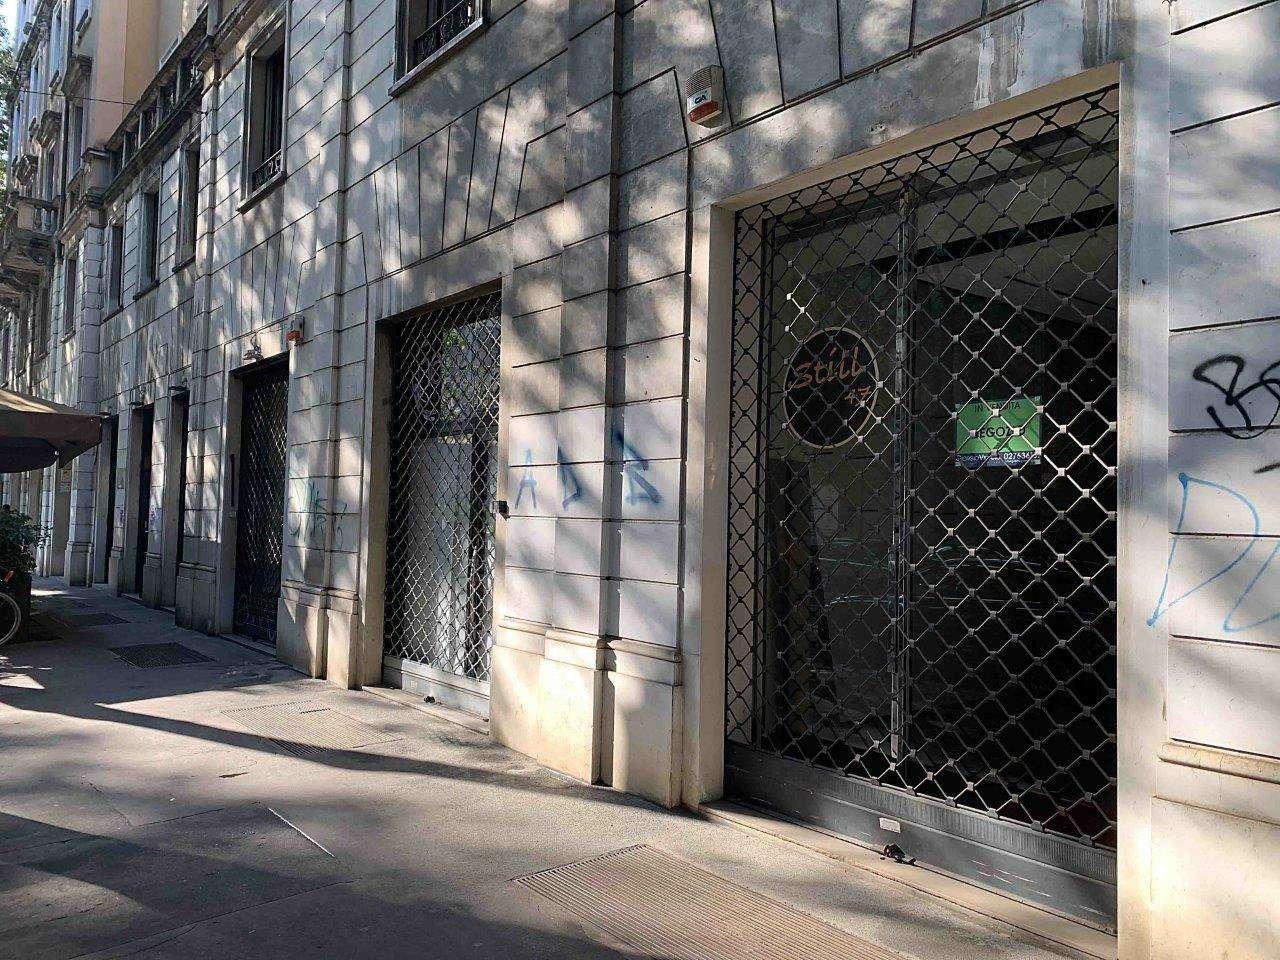 Negozio-locale in Vendita a Milano 01 Centro storico (Cerchia dei Navigli):  2 locali, 80 mq  - Foto 1